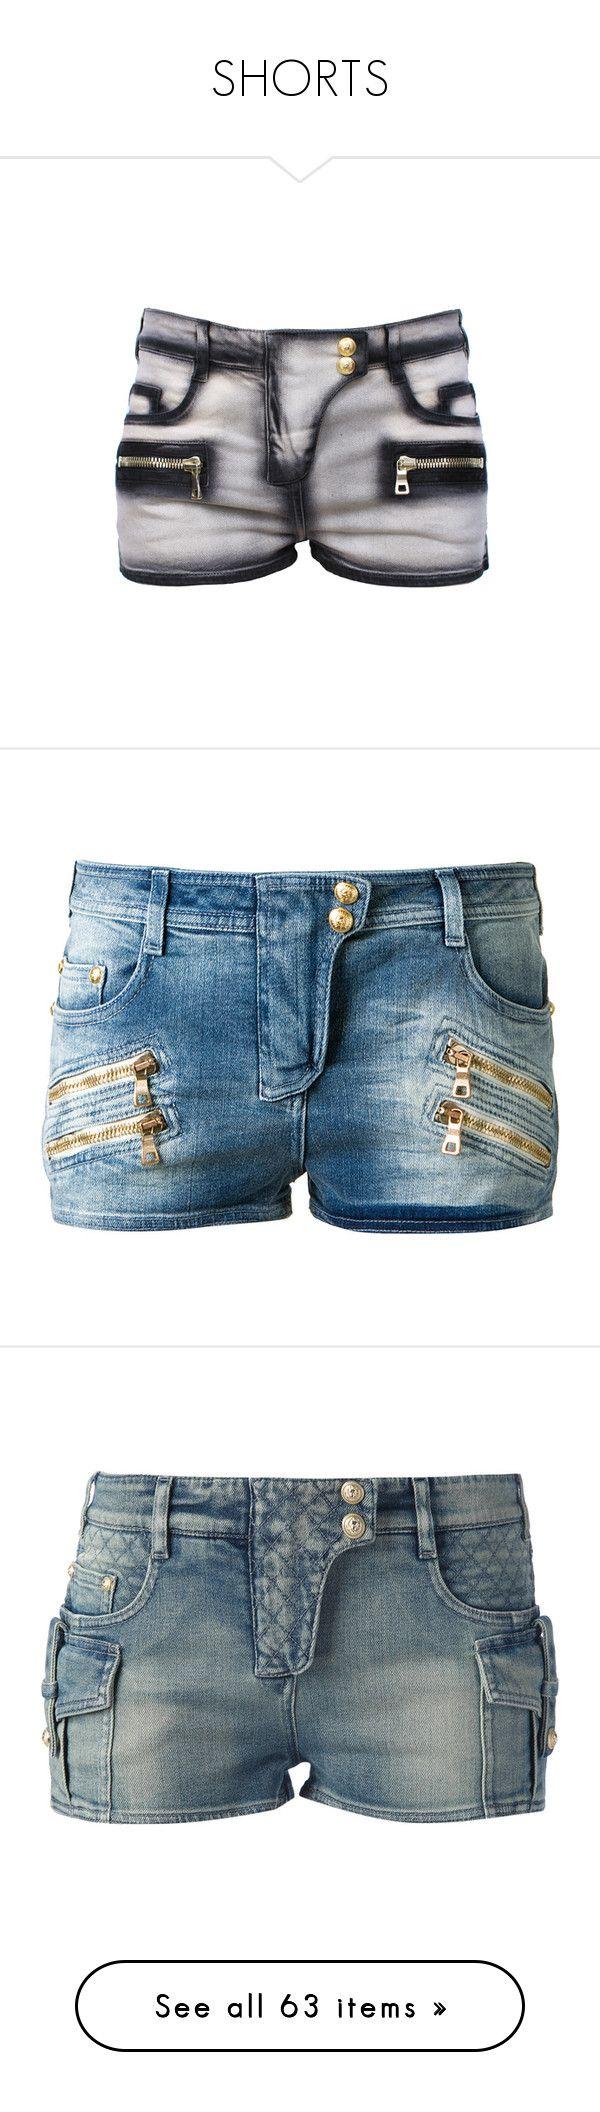 """""""SHORTS"""" by aitanas-closet ❤ liked on Polyvore featuring shorts, balmain, shorts/skirts, jean shorts, balmain shorts, pocket shorts, short jean shorts, bottoms, pants and hot short shorts"""